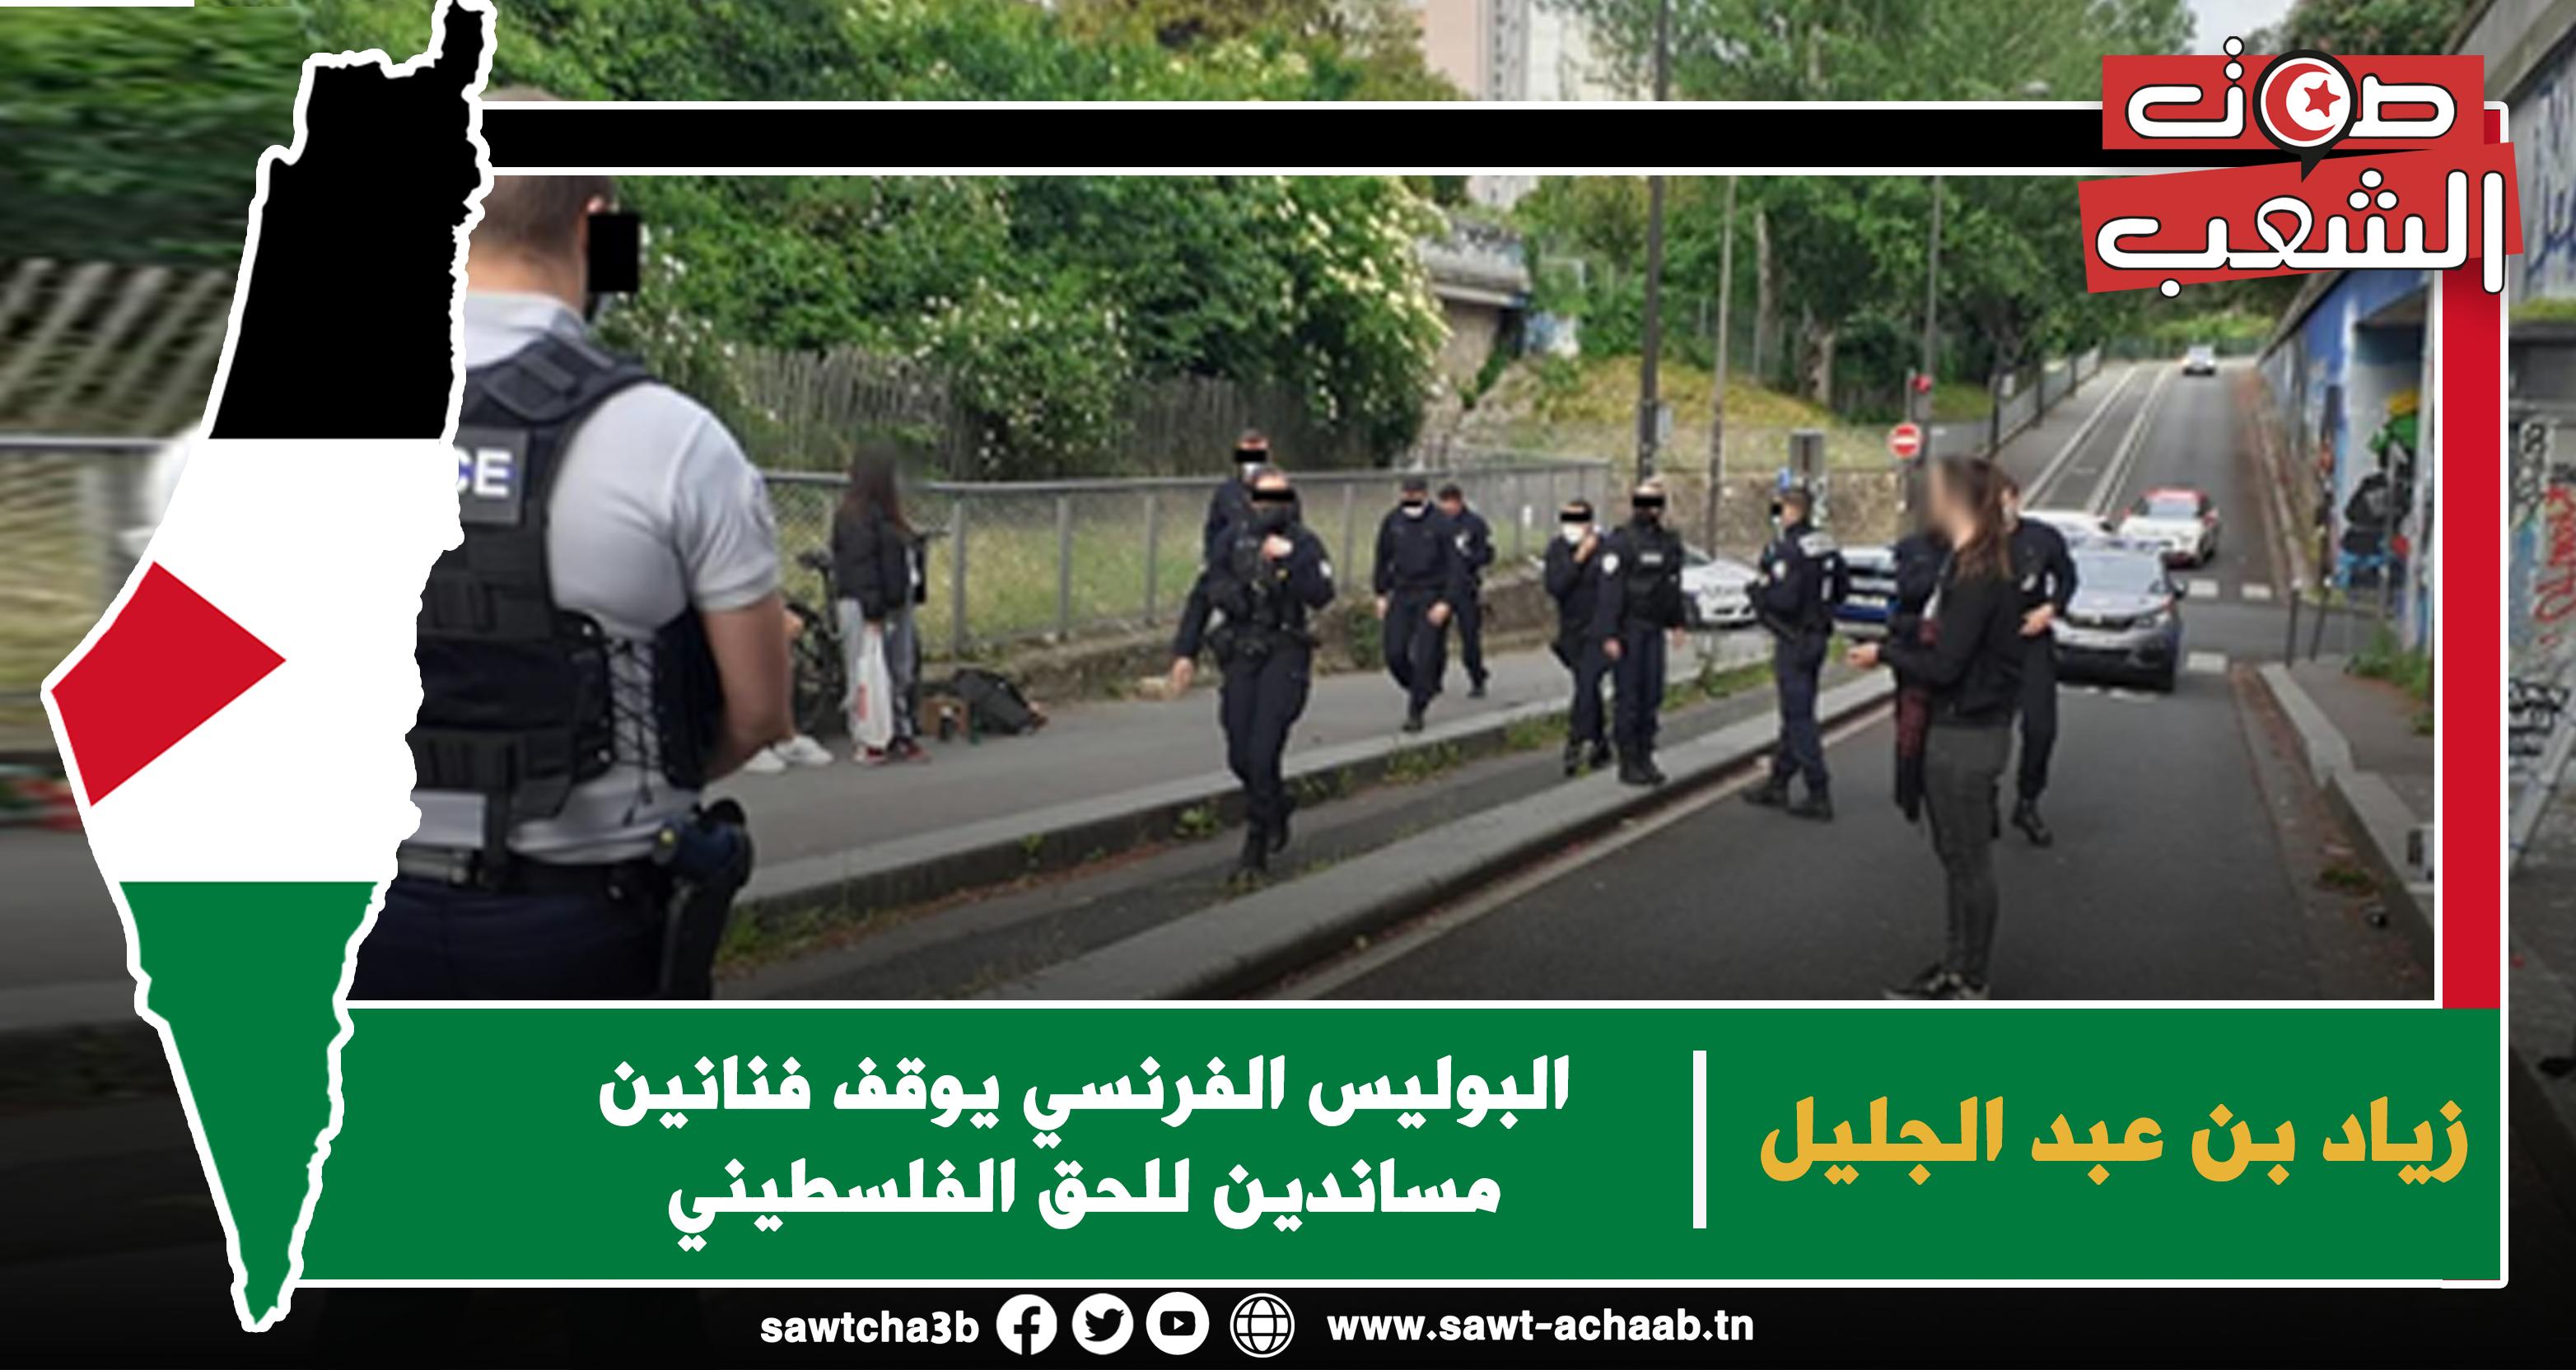 البوليس الفرنسي يوقف فنانين مساندين للحق الفلسطيني